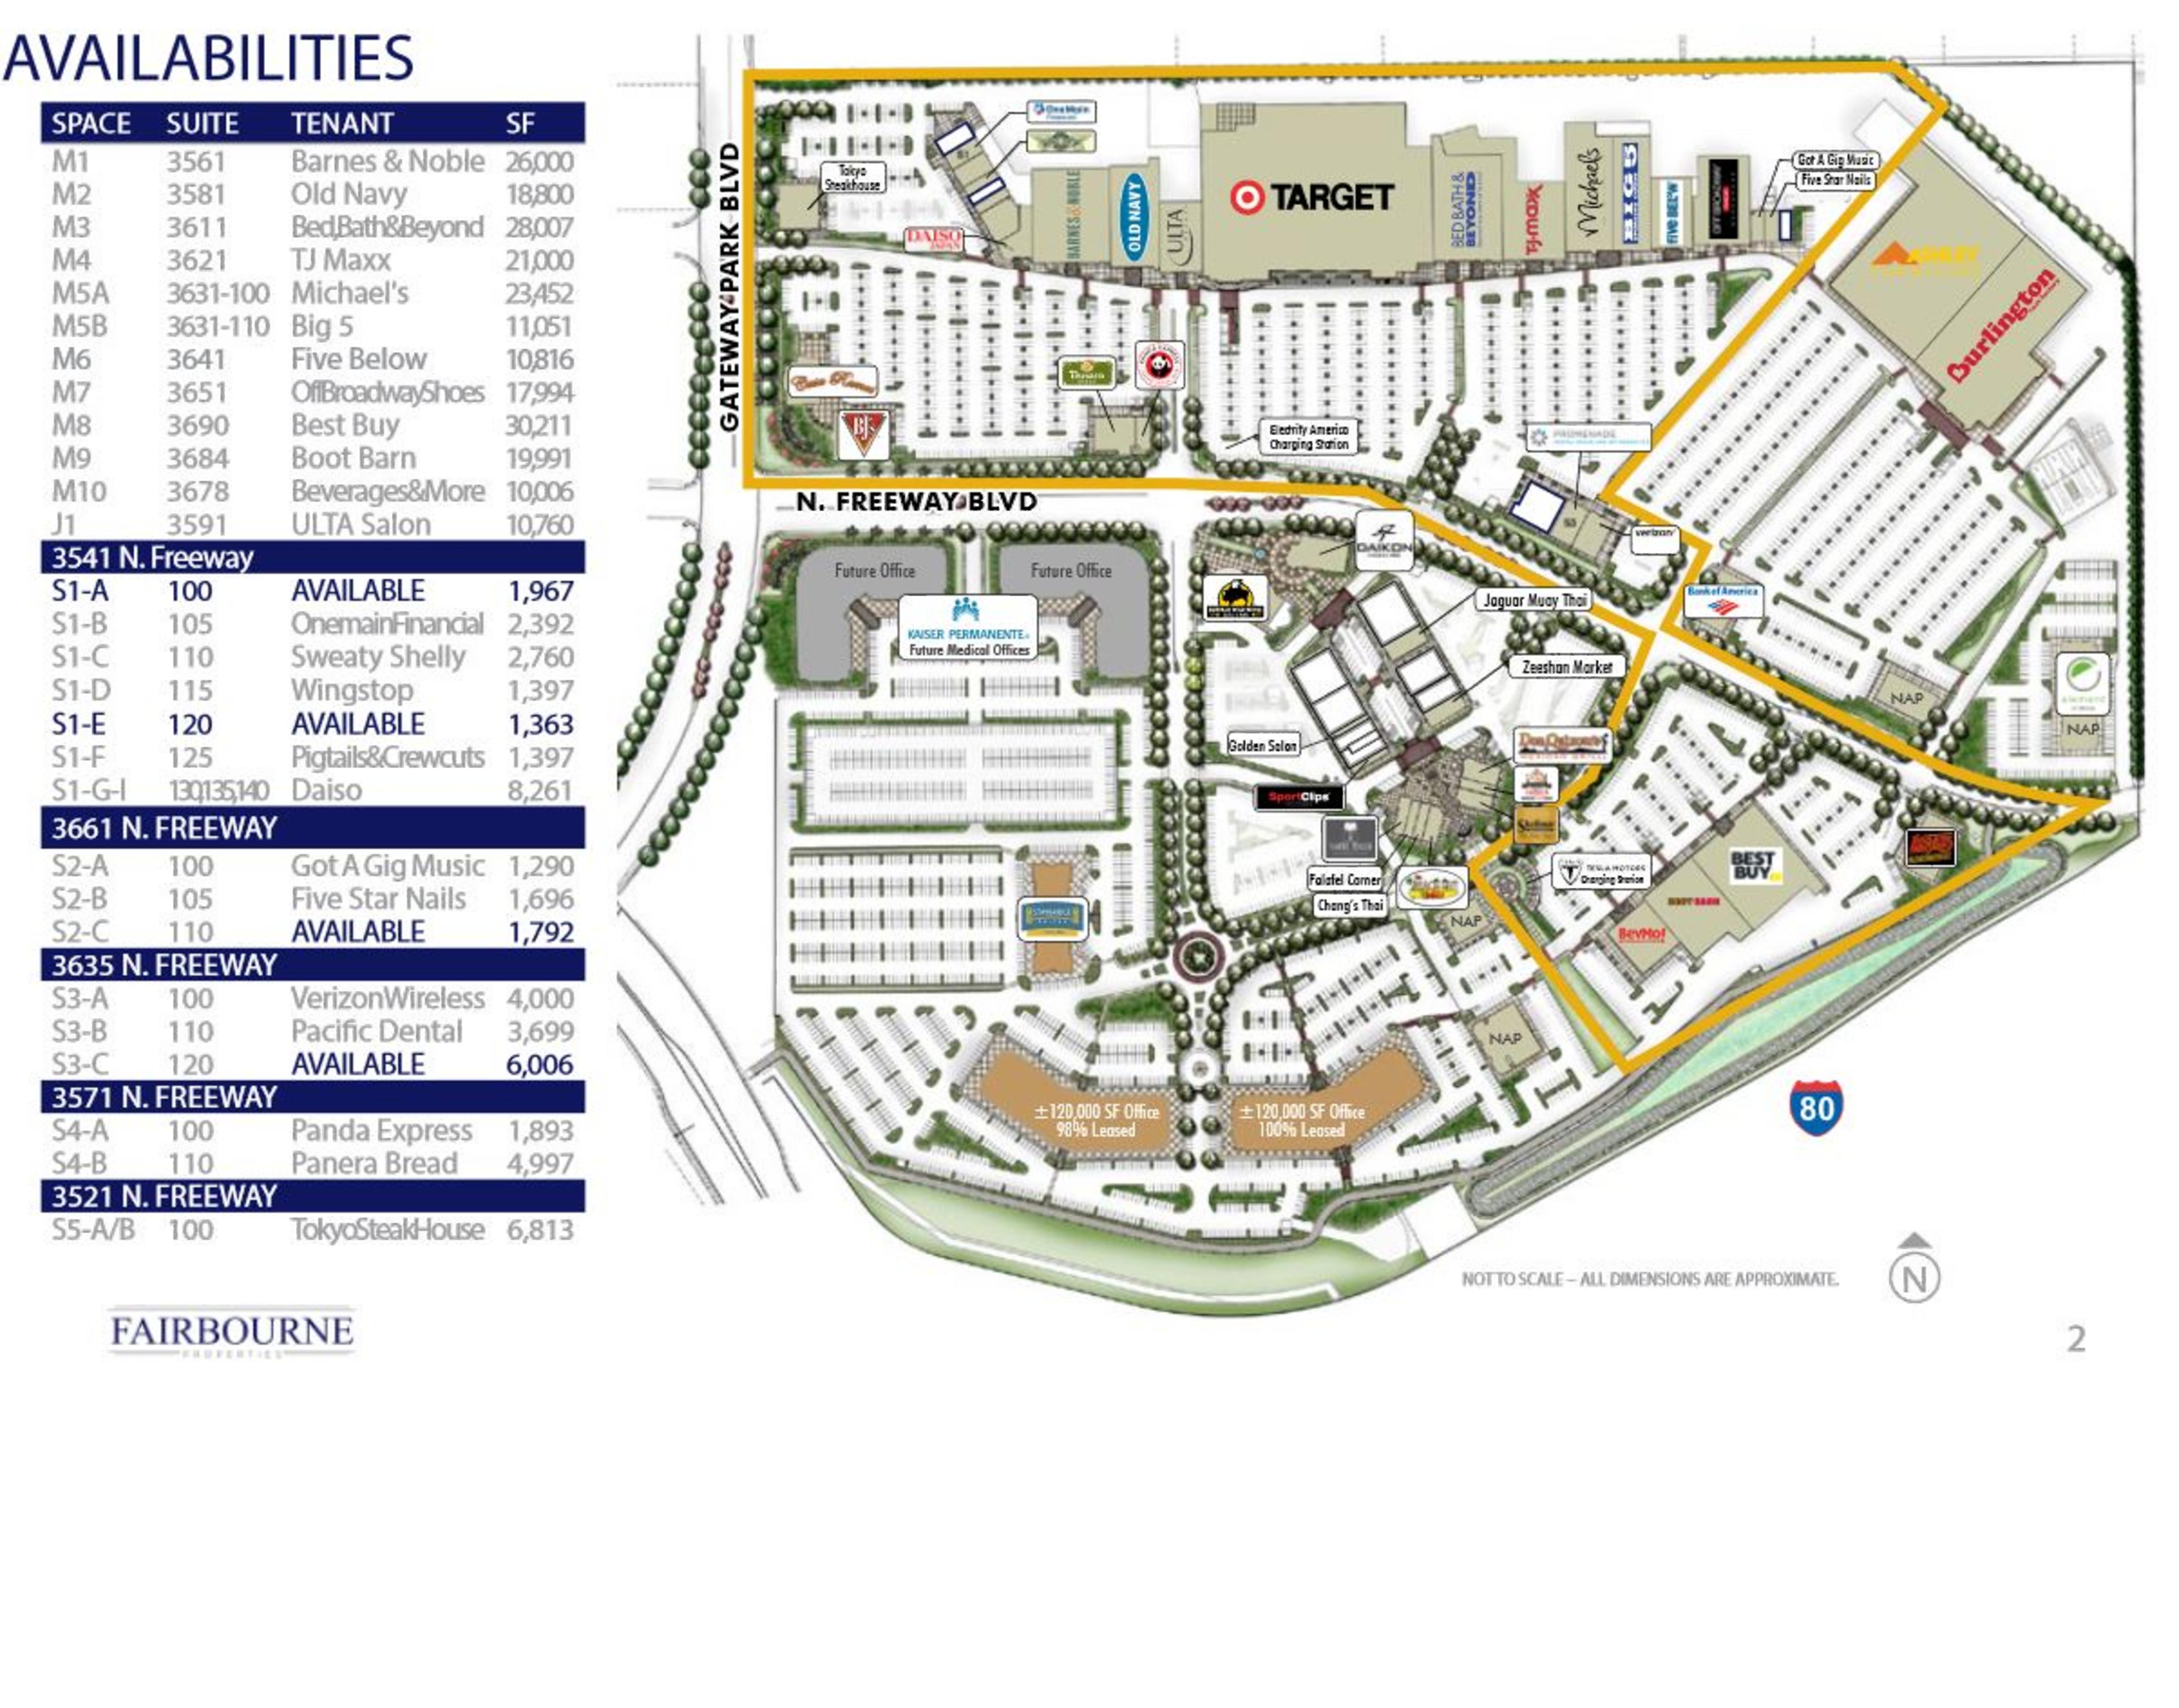 Promenade & Sacramento Gateway: site plan